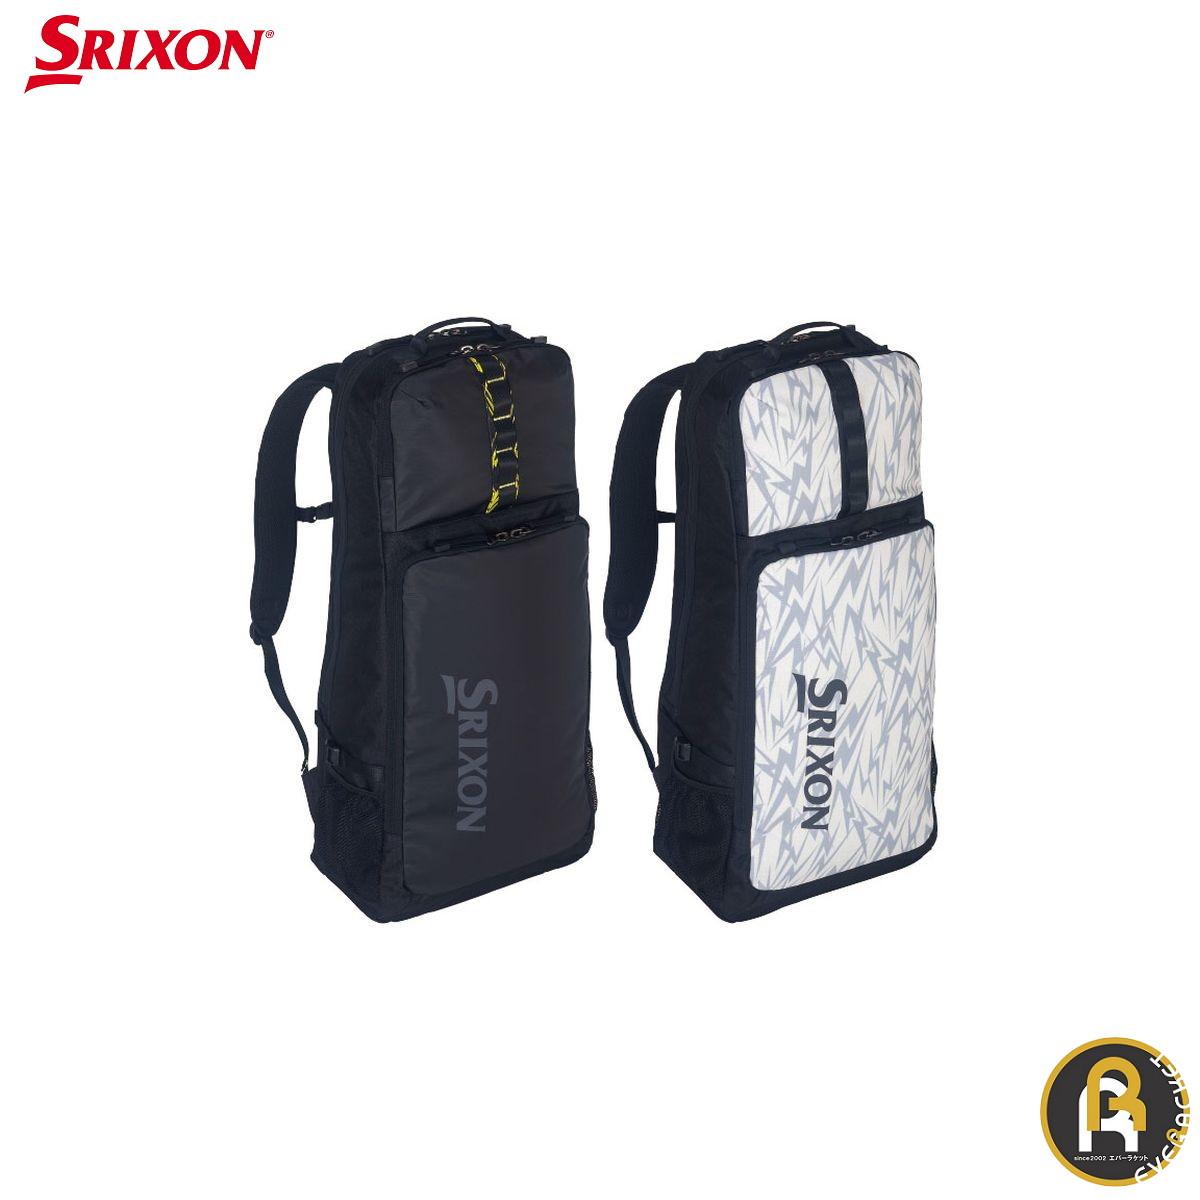 スリクソン SRIXON ダンロップスポーツ バッグ ラケットバッグ SPC-2910 ソフトテニス